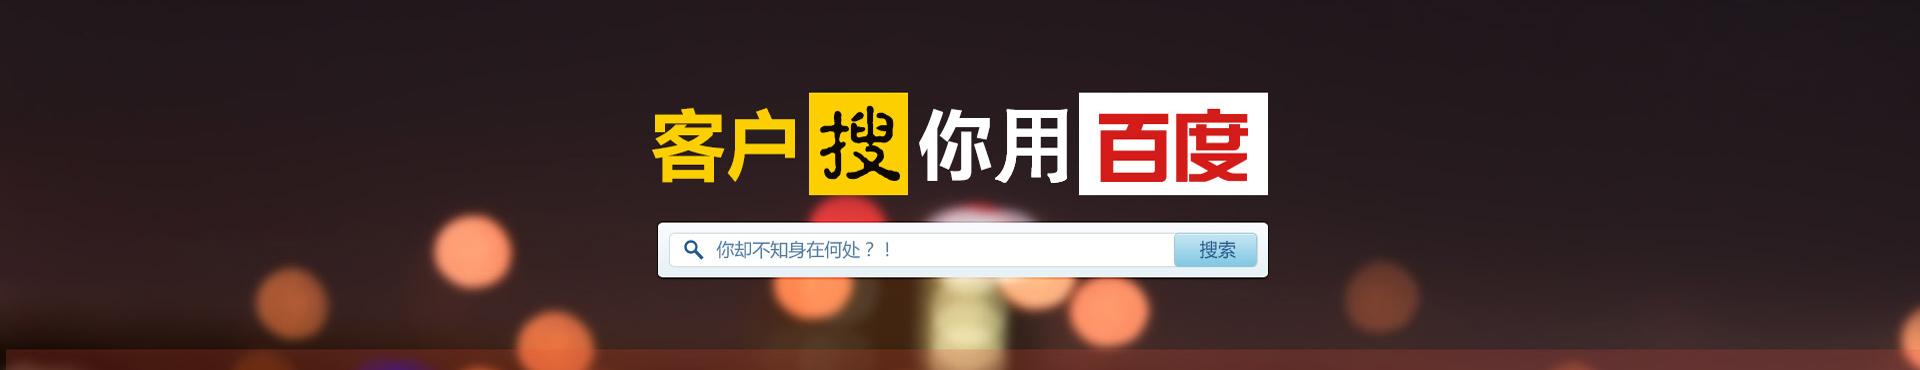 東莞網站推廣